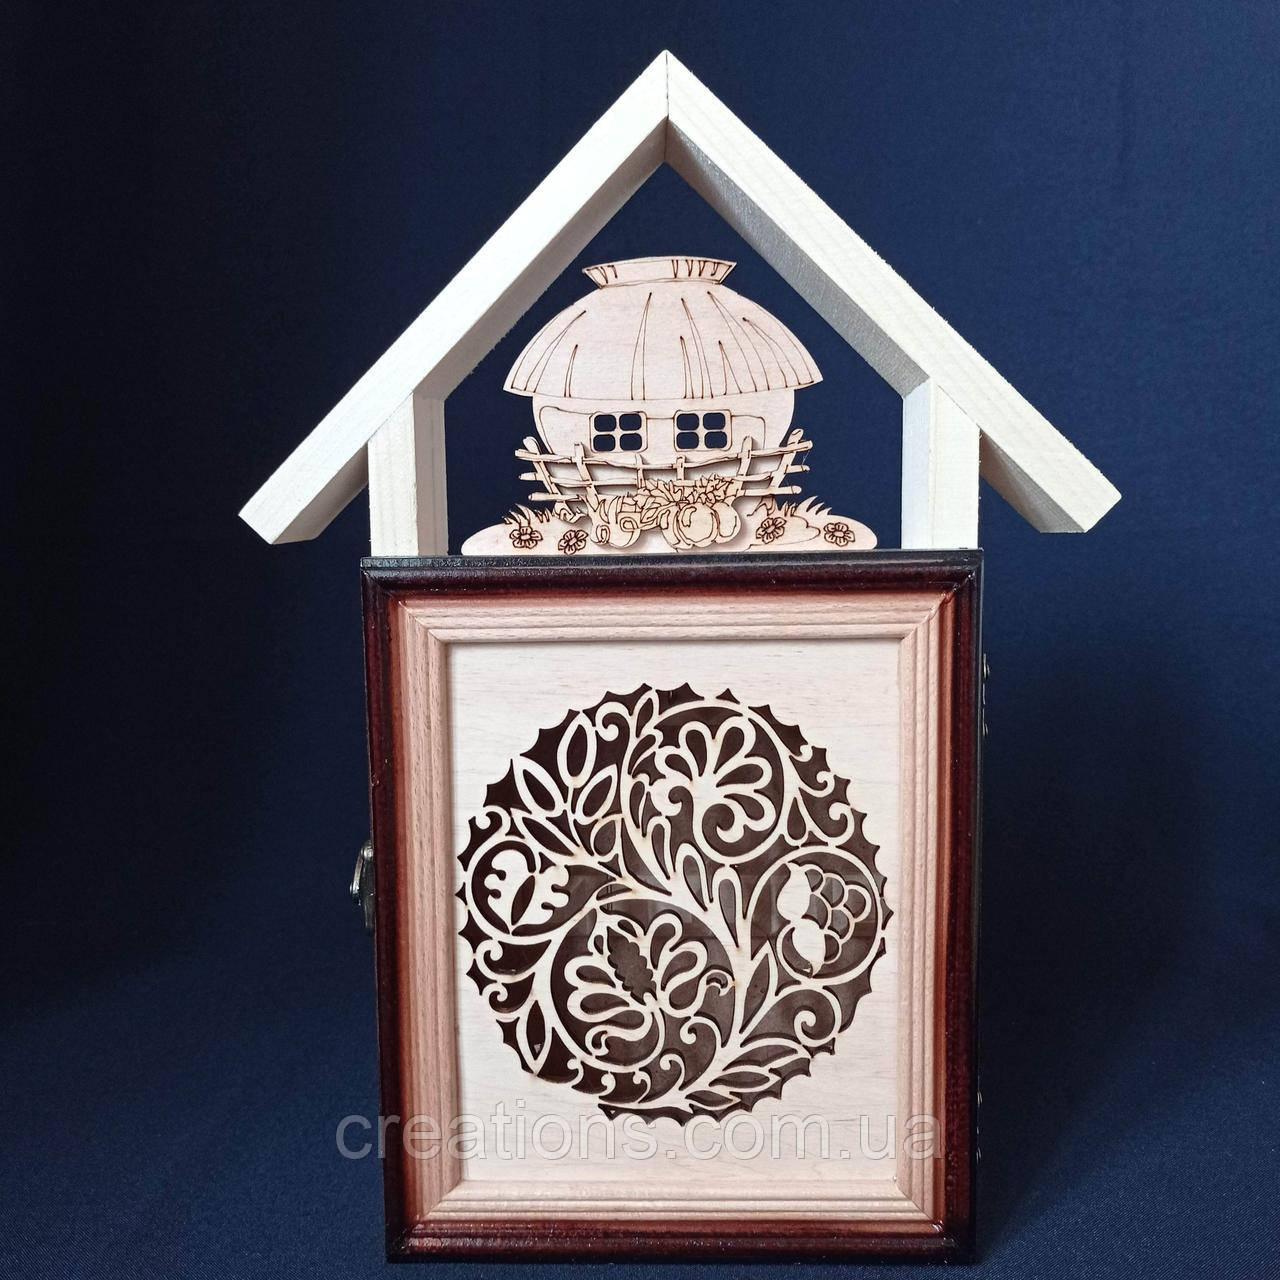 """Ключниця настінна з дерева """"будиночок"""" на 5 гачків, 33 див."""